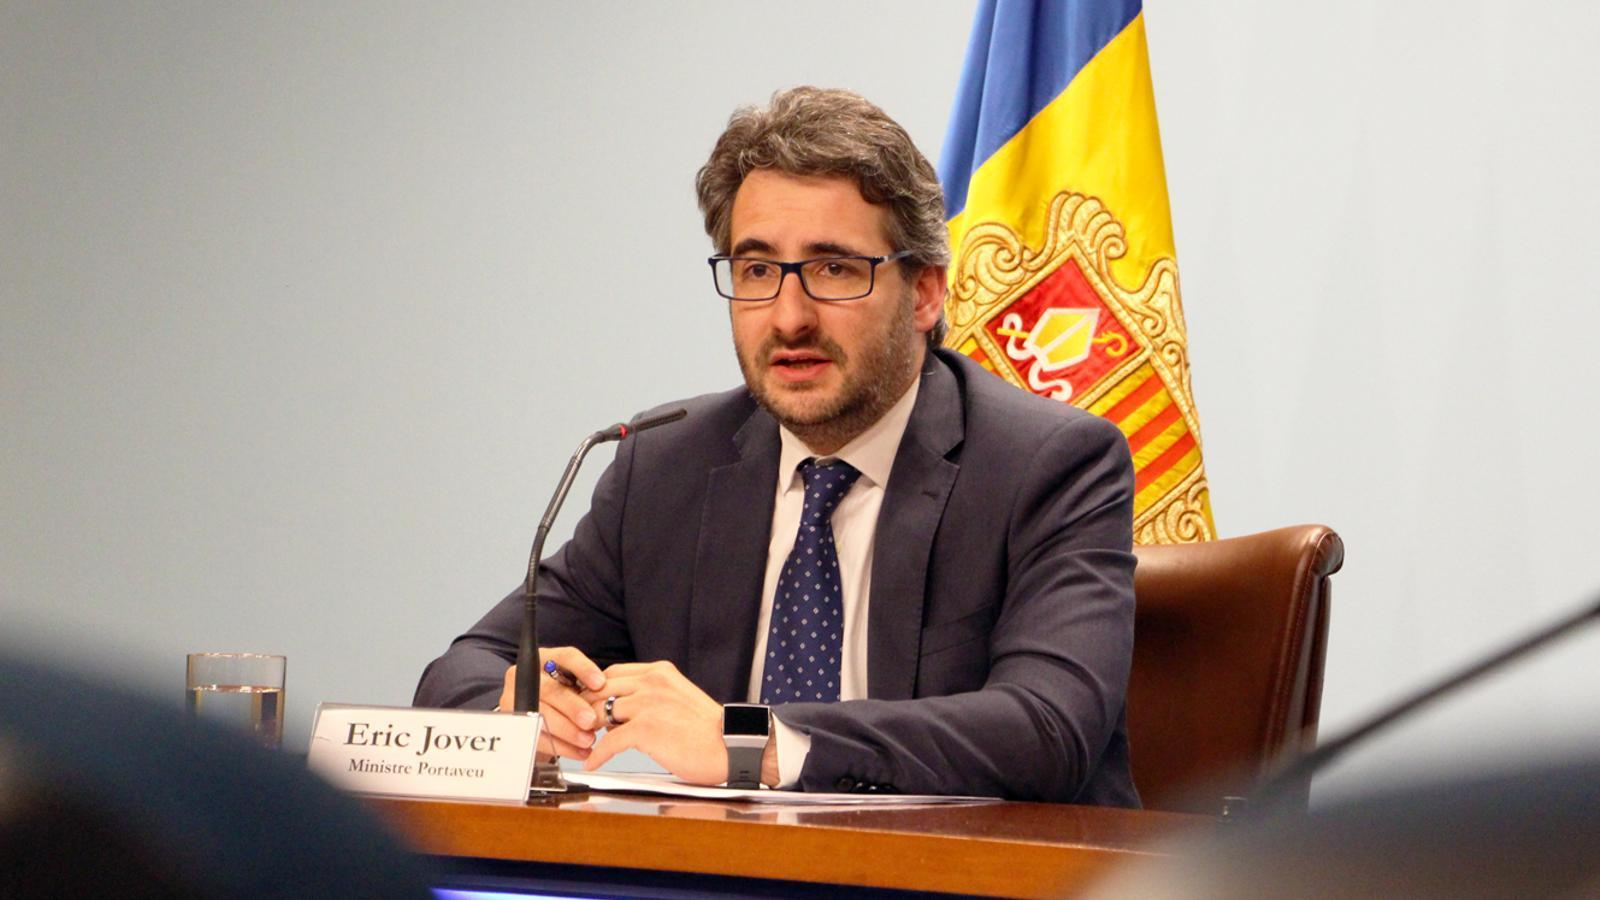 El ministre de Finances i Portaveu, Eric Jover, durant la roda de premsa posterior al consell de ministres. / M. P. (ANA)